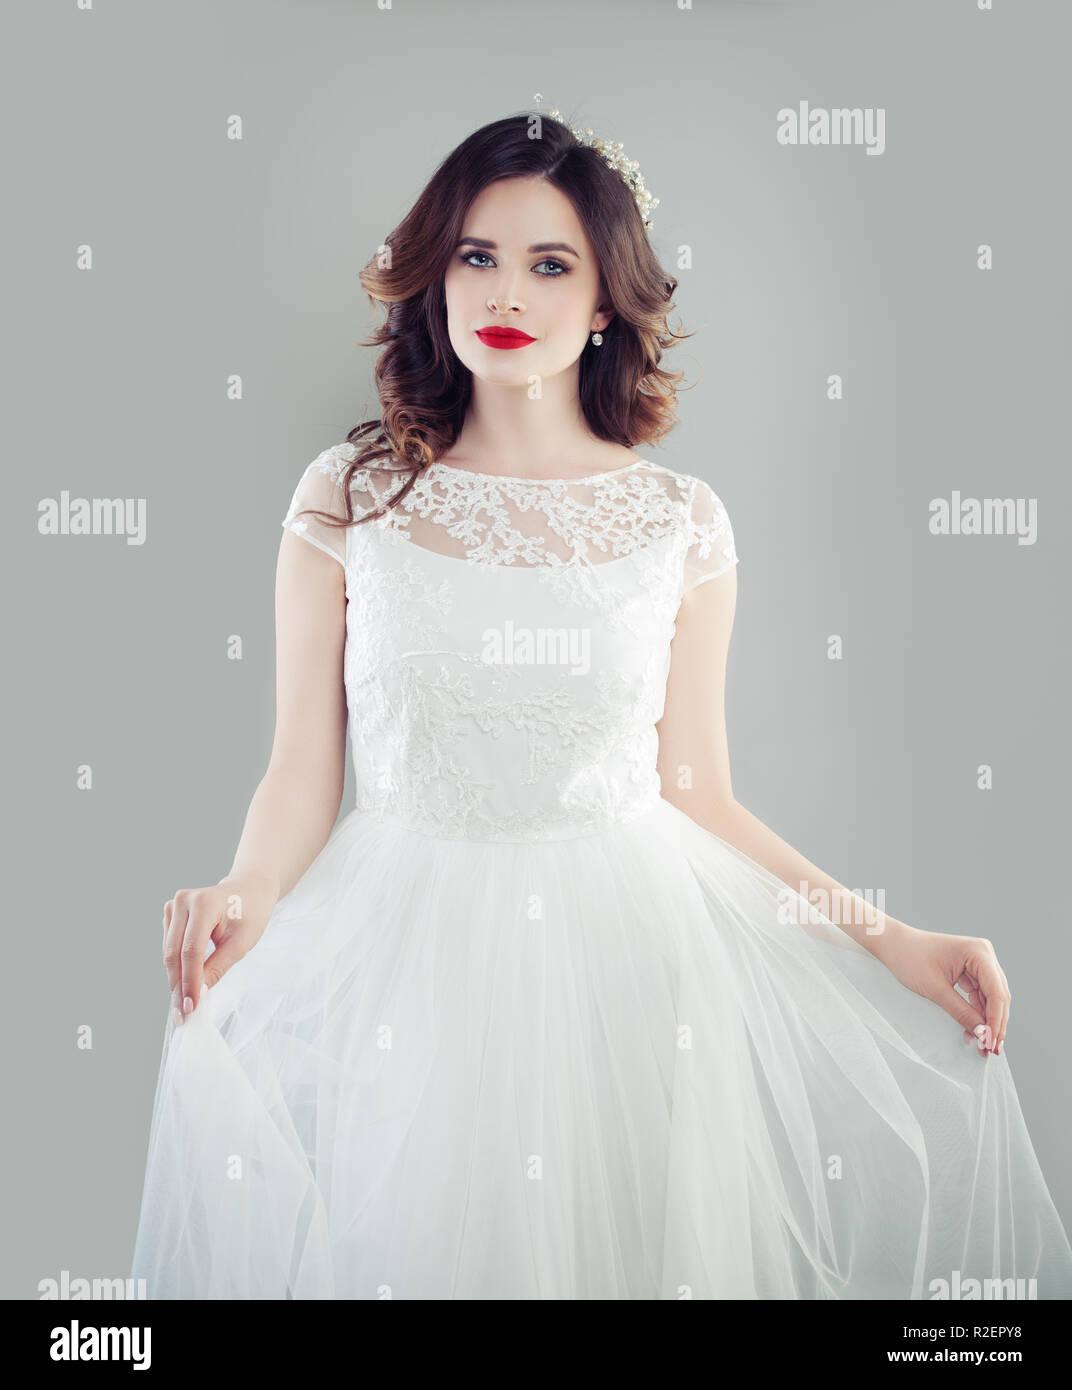 Schone Braut Frau Tragen Modische Hochzeit Kleid Stockfotografie Alamy